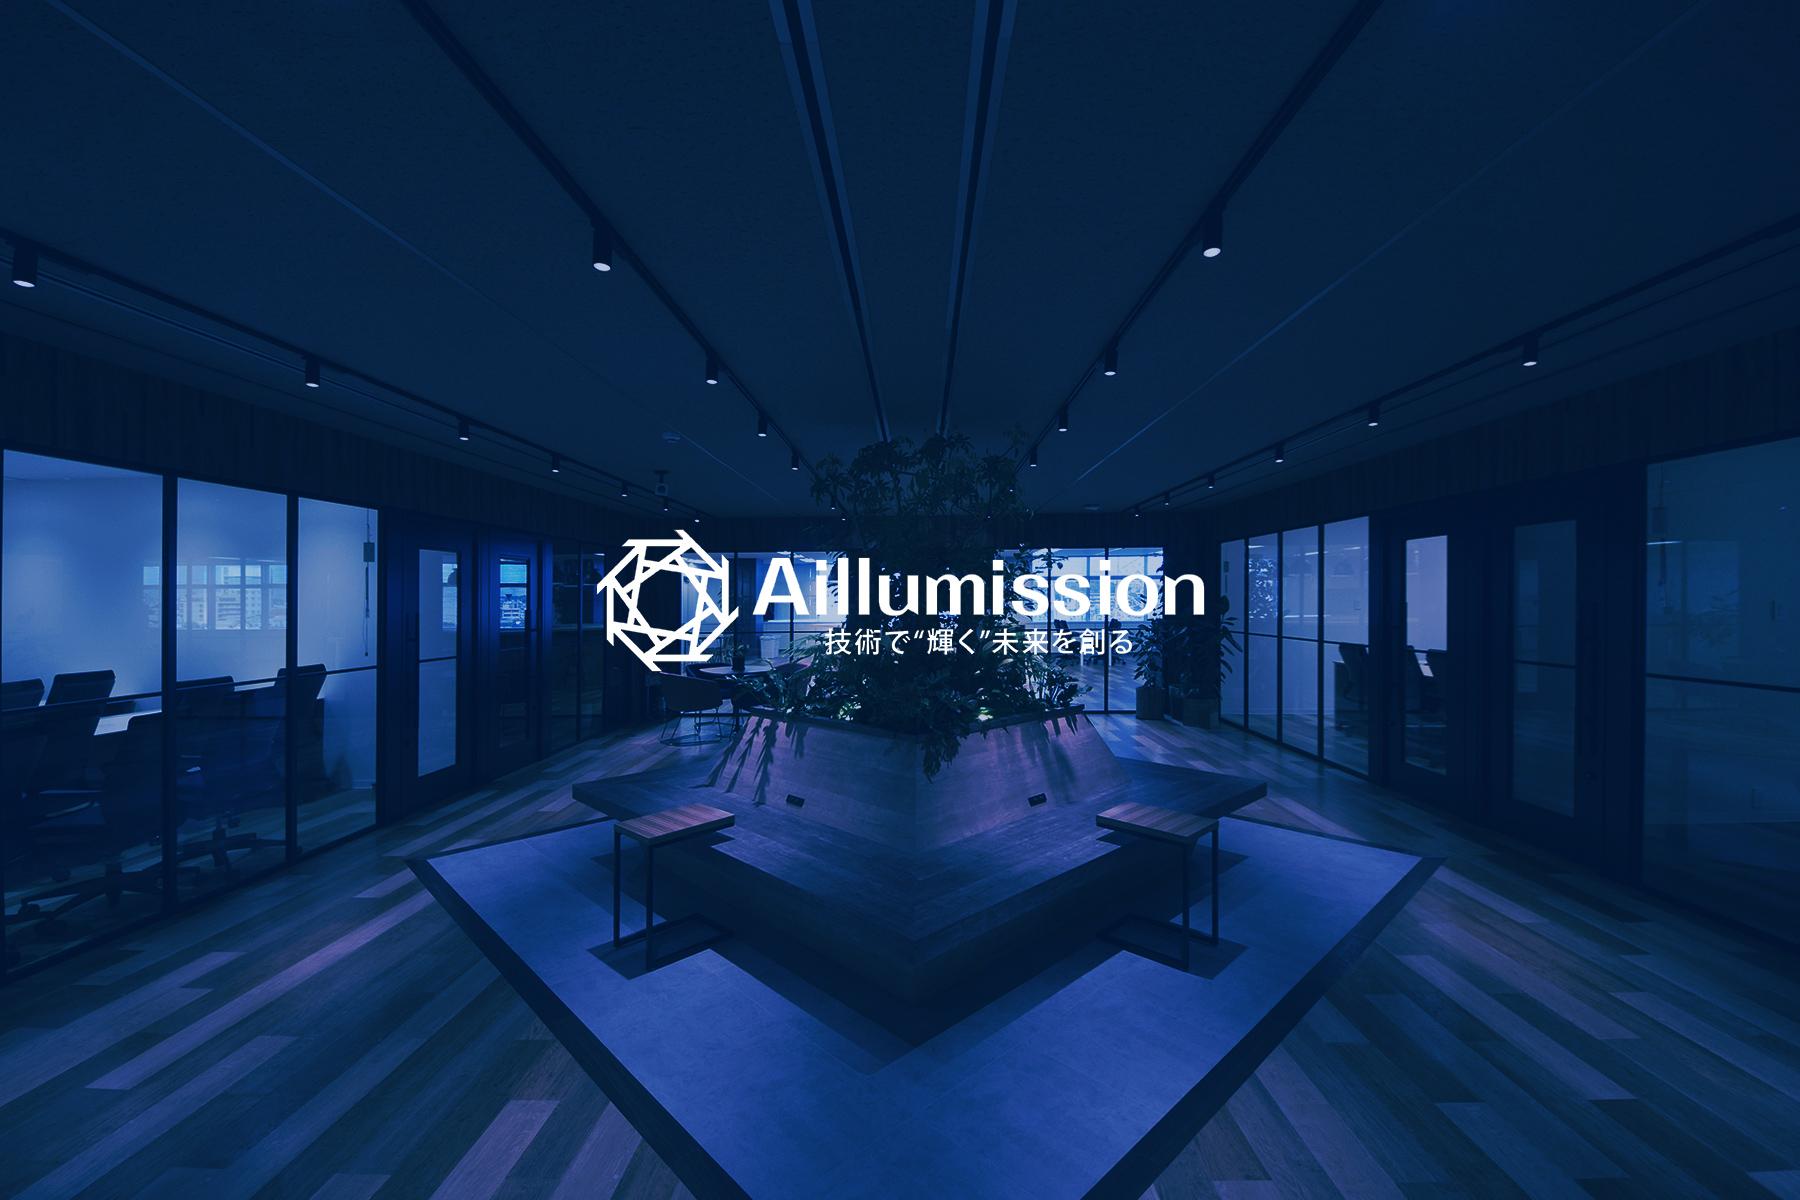 株式会社アイルミッションのトップ画像